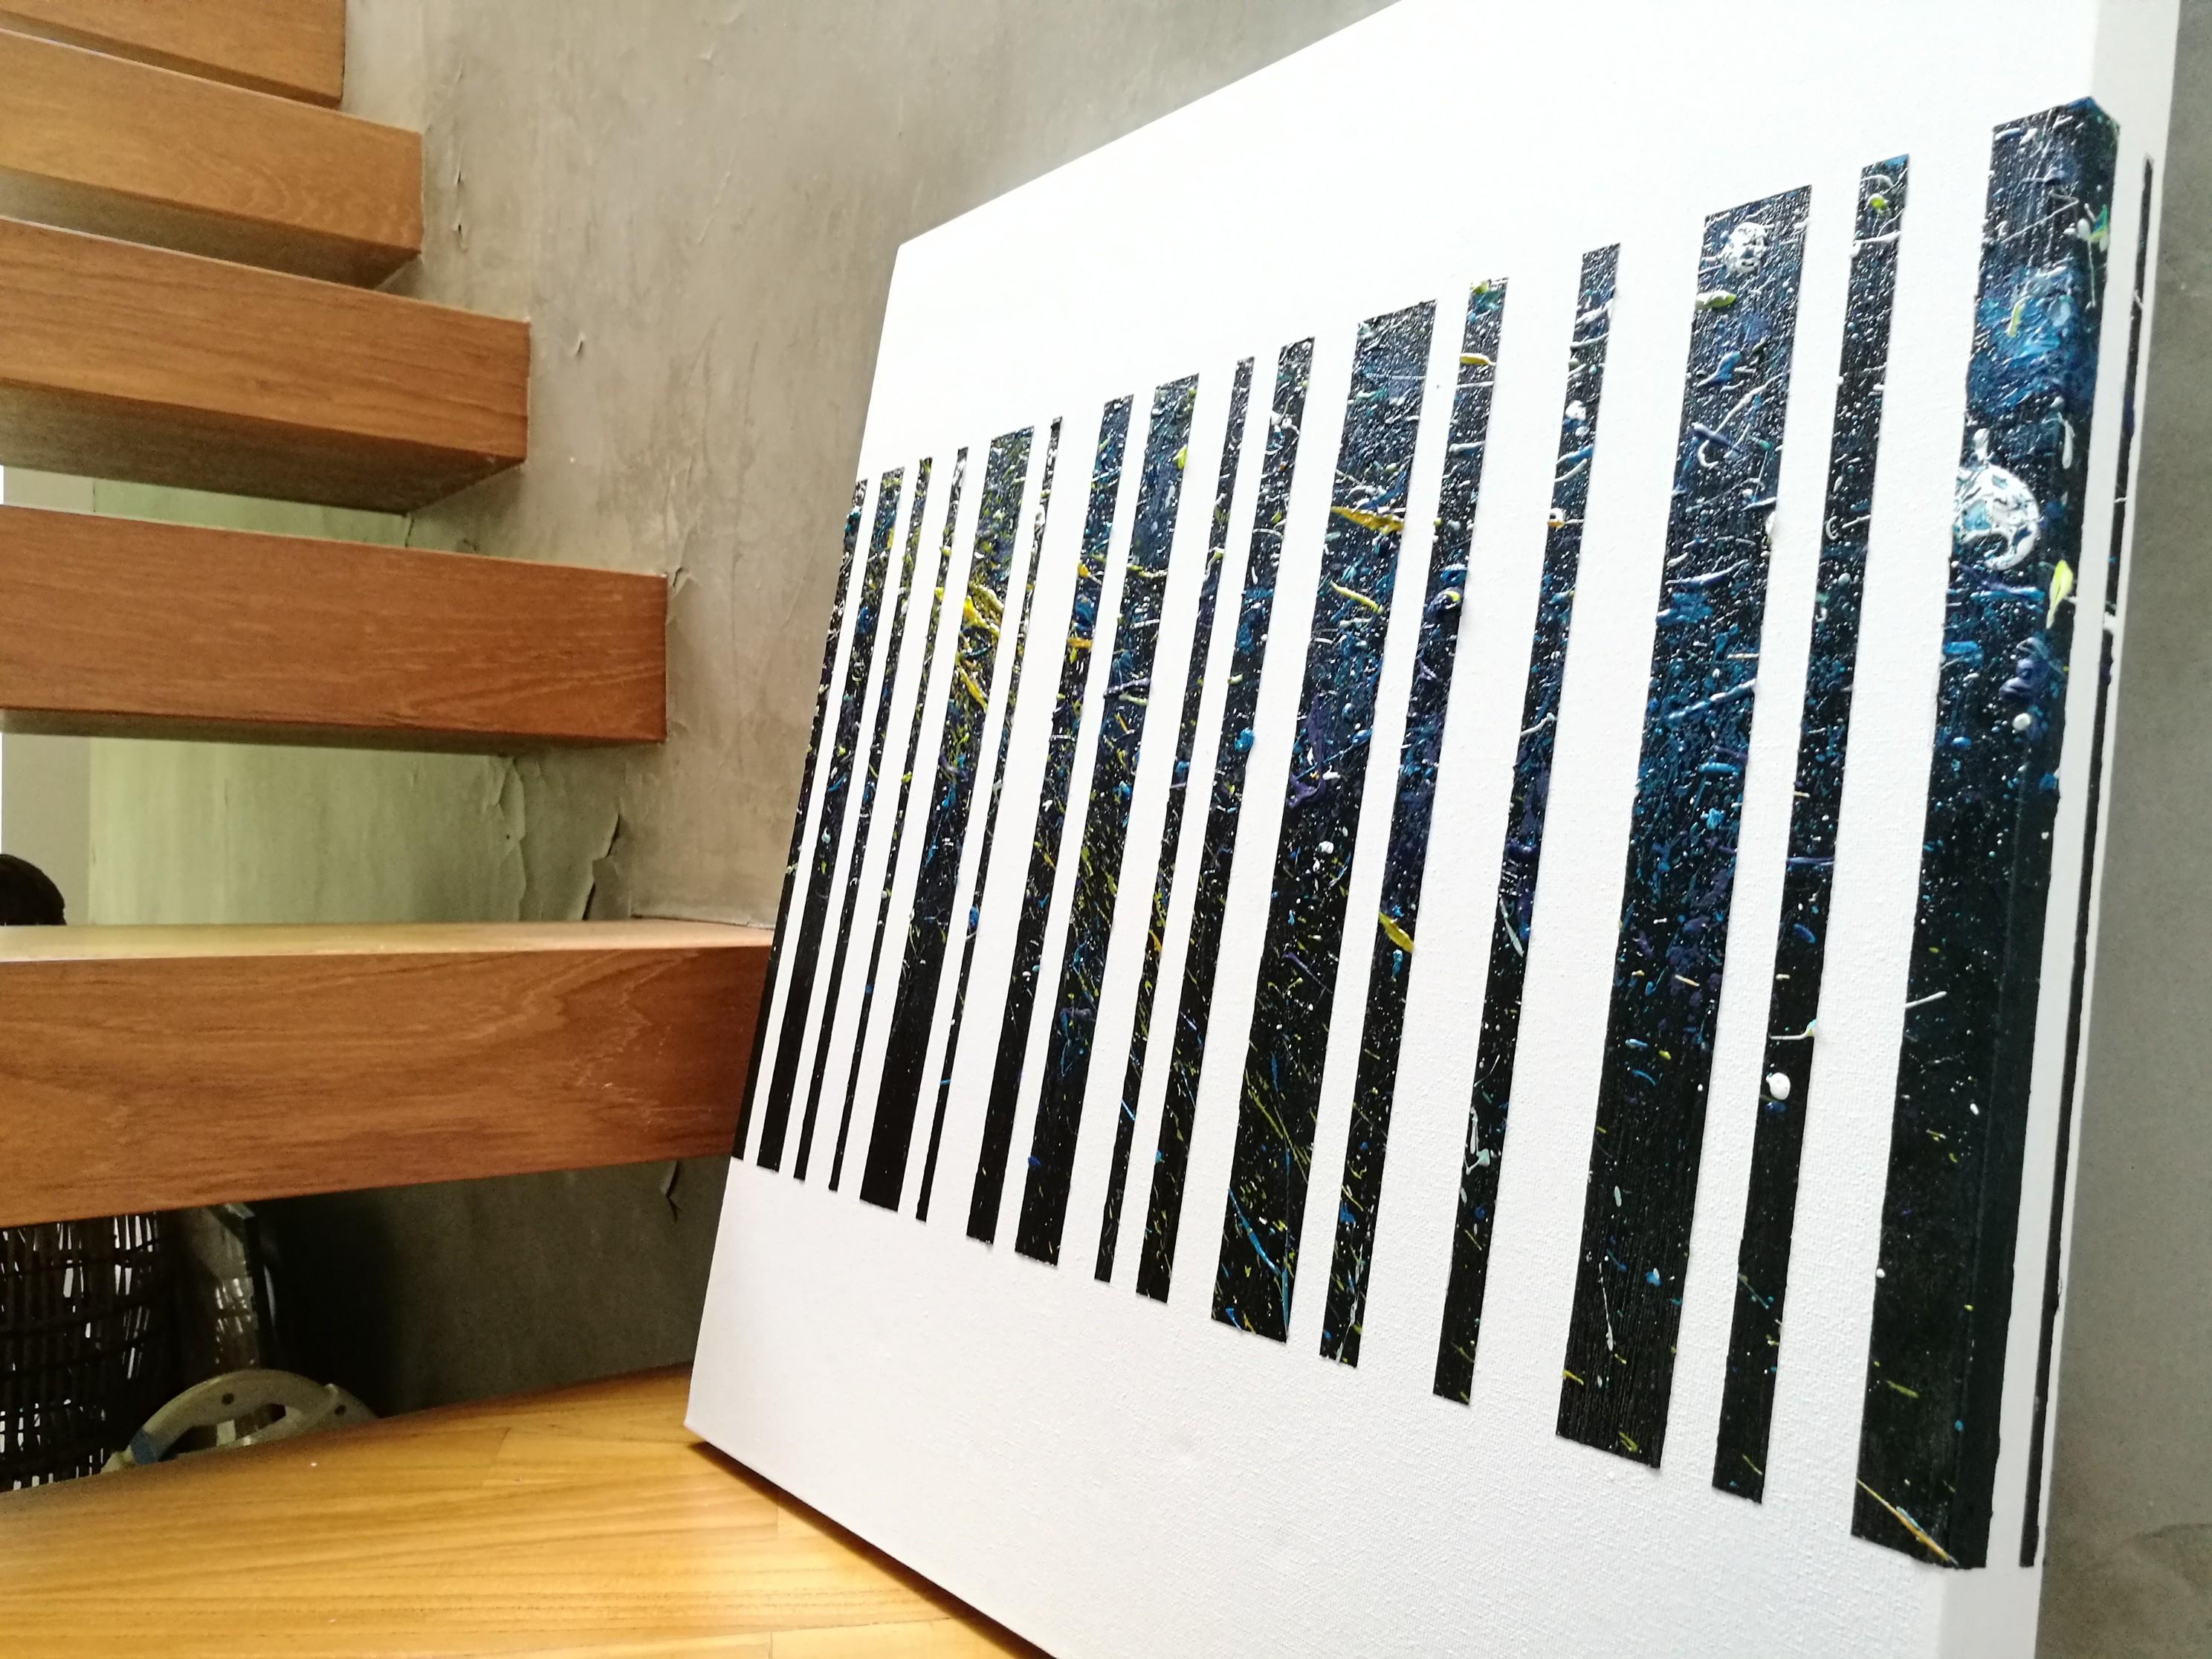 Picture of High Concept Splatter Art [FAIL]